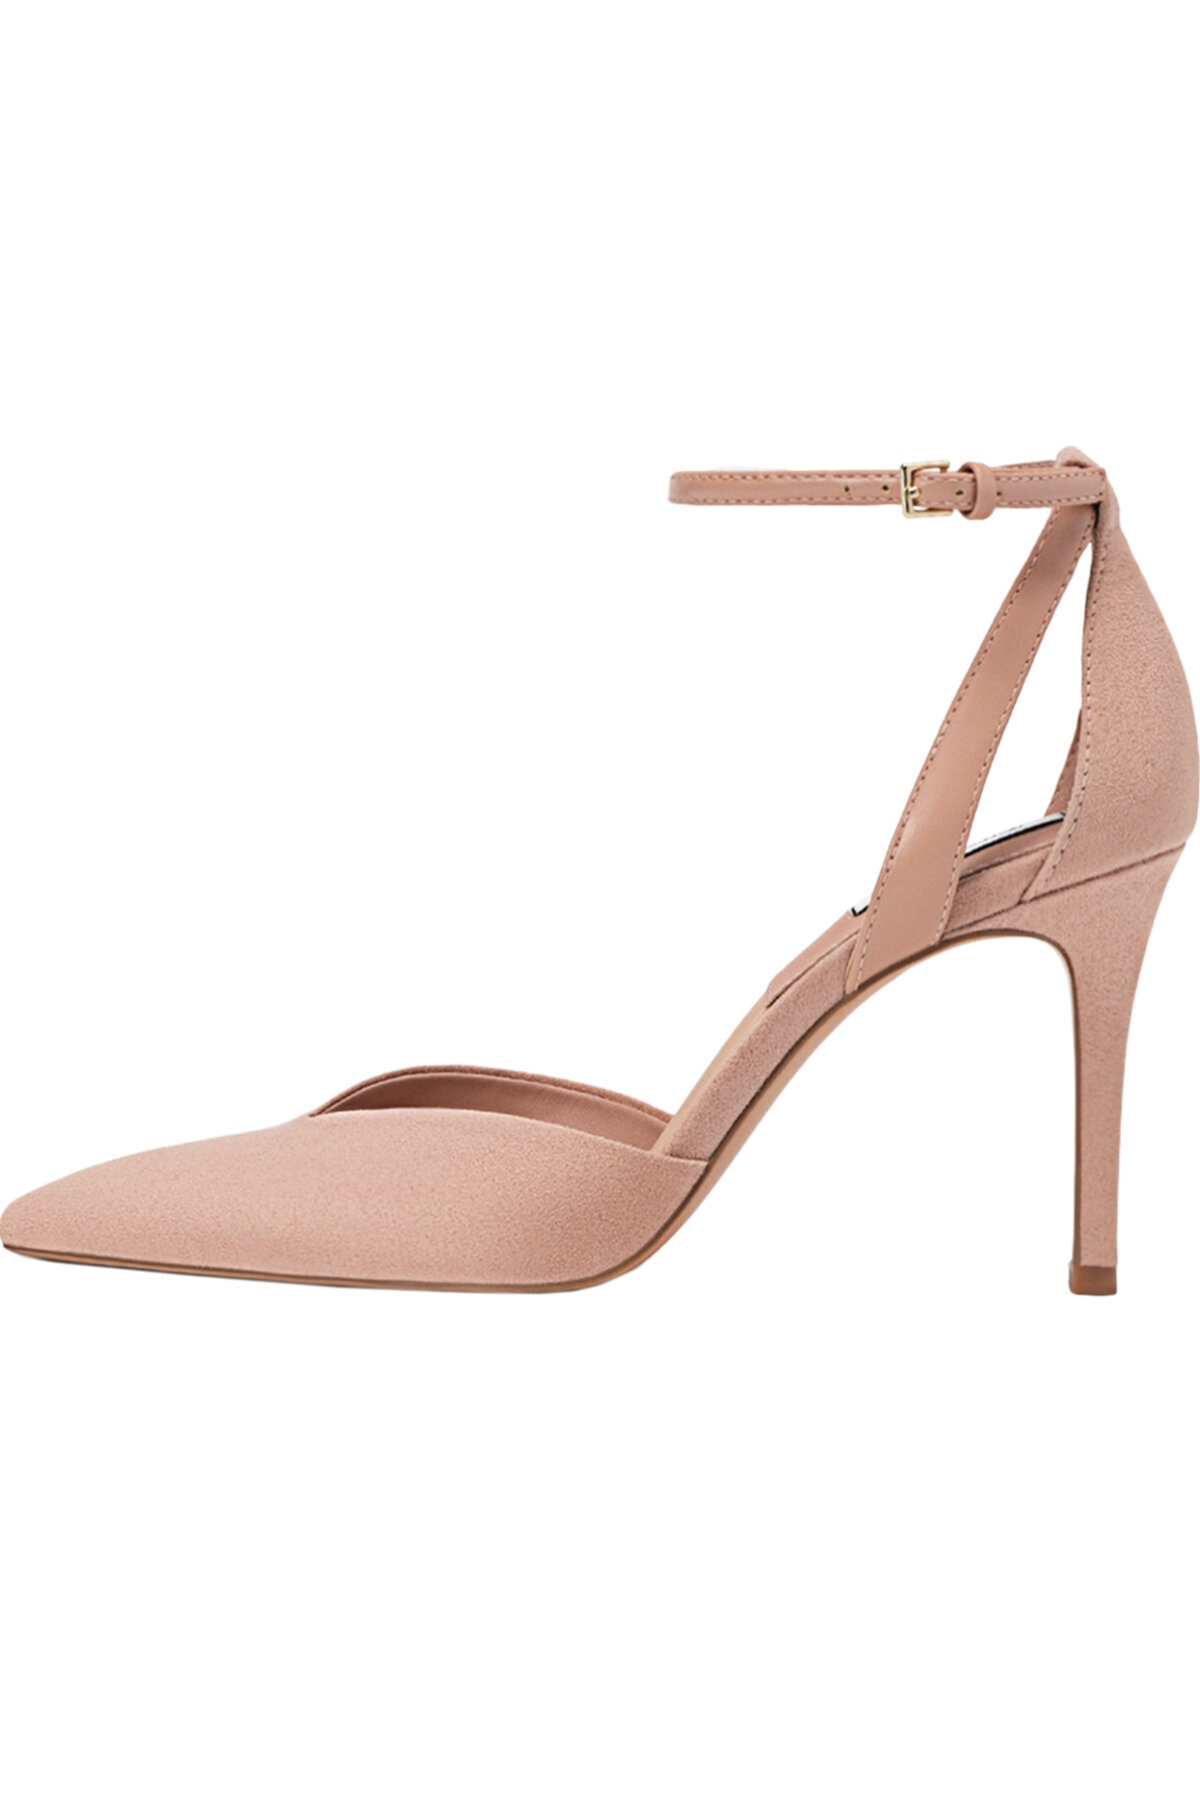 Stradivarius Kadın Pudra Bilekten Bantlı Yüksek Topuklu Ayakkabı 19153770 0